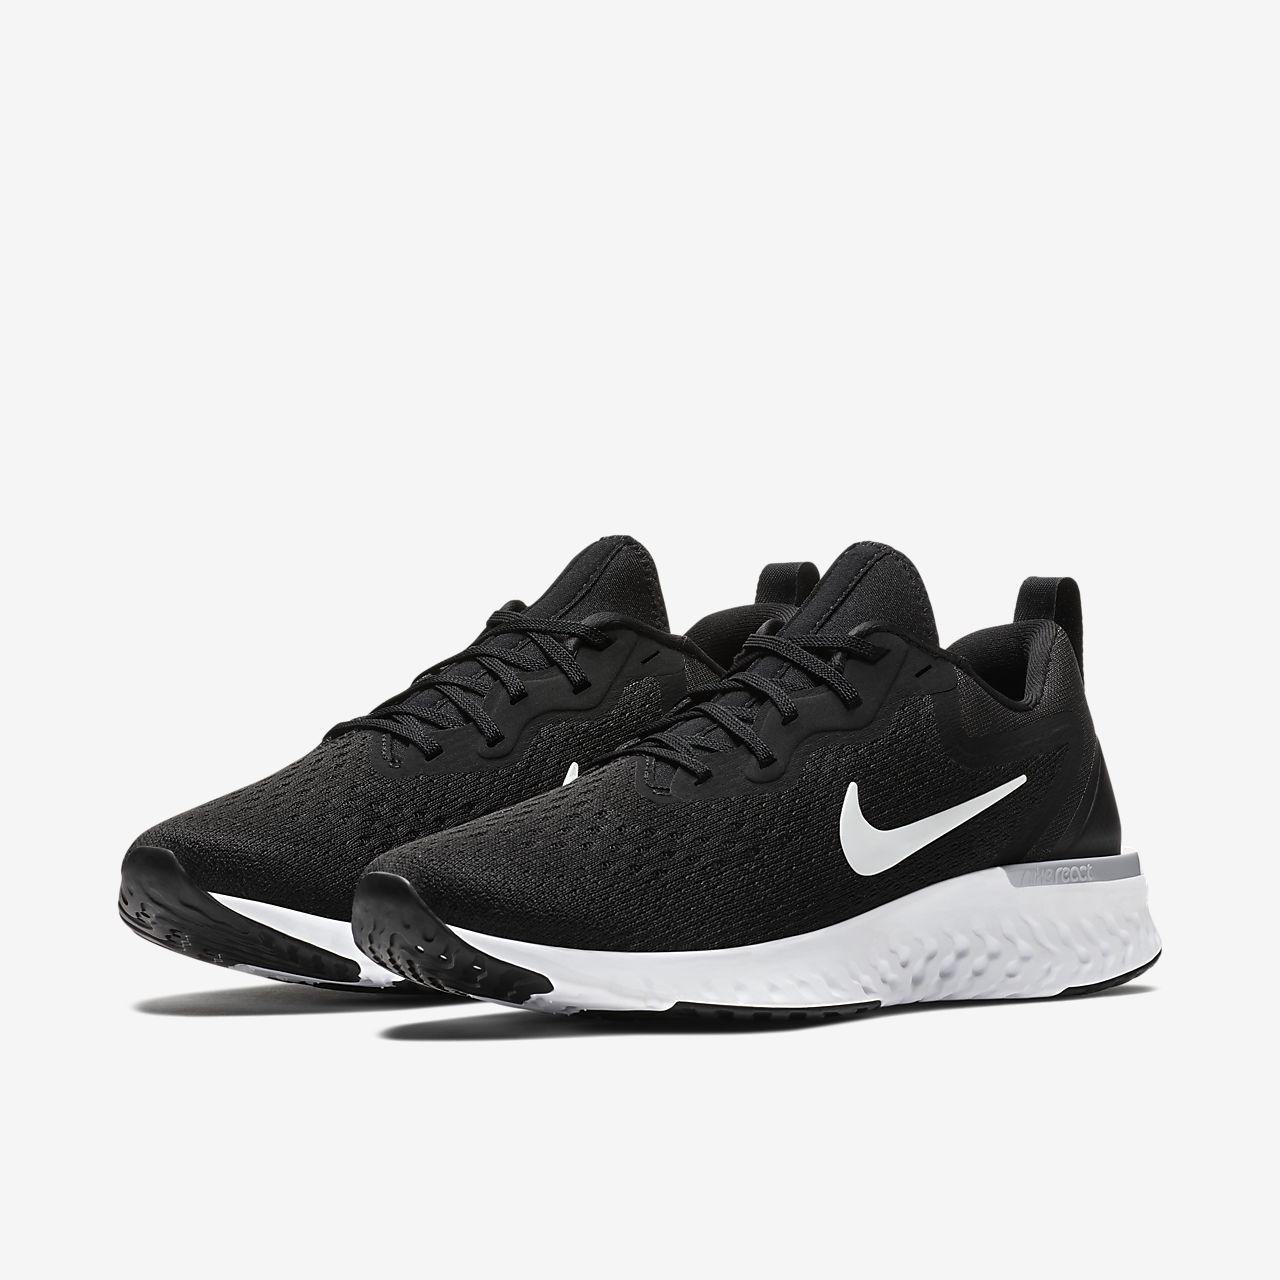 Nike Chaussures Odyssey Course Réagissent - Noir / Blanc 6wPuhq